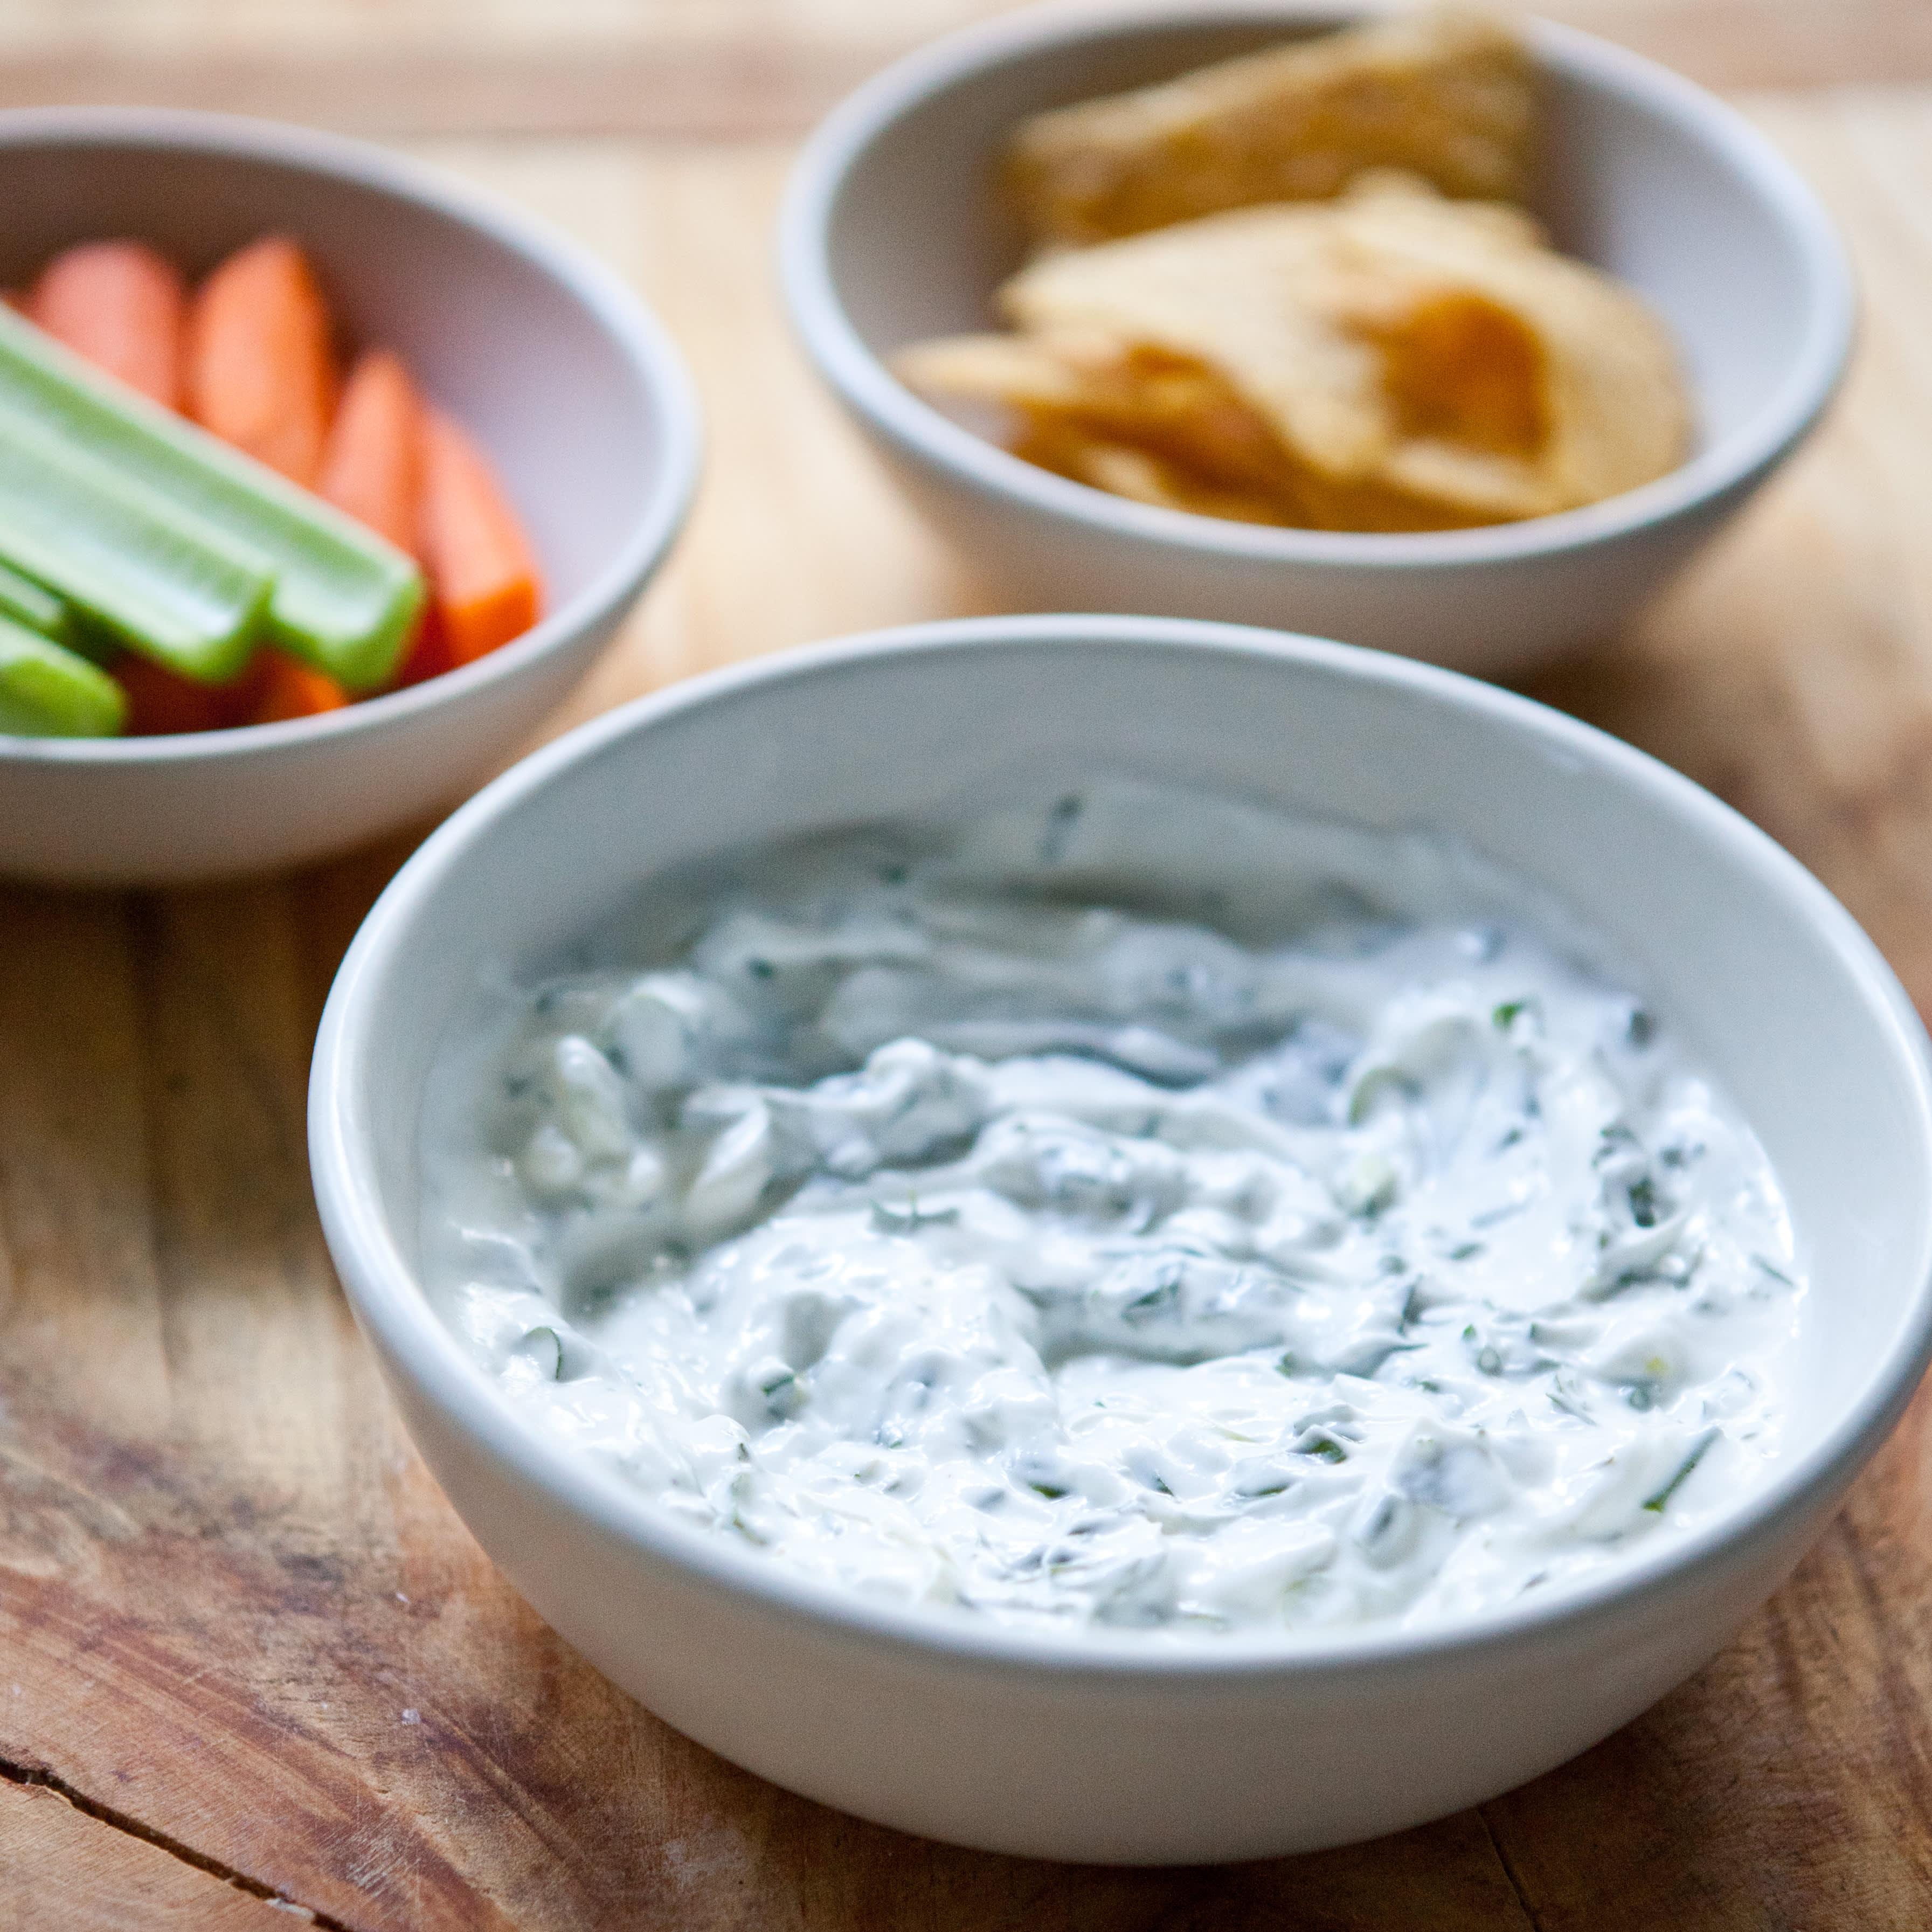 Recipe: Herbed Yogurt Dip